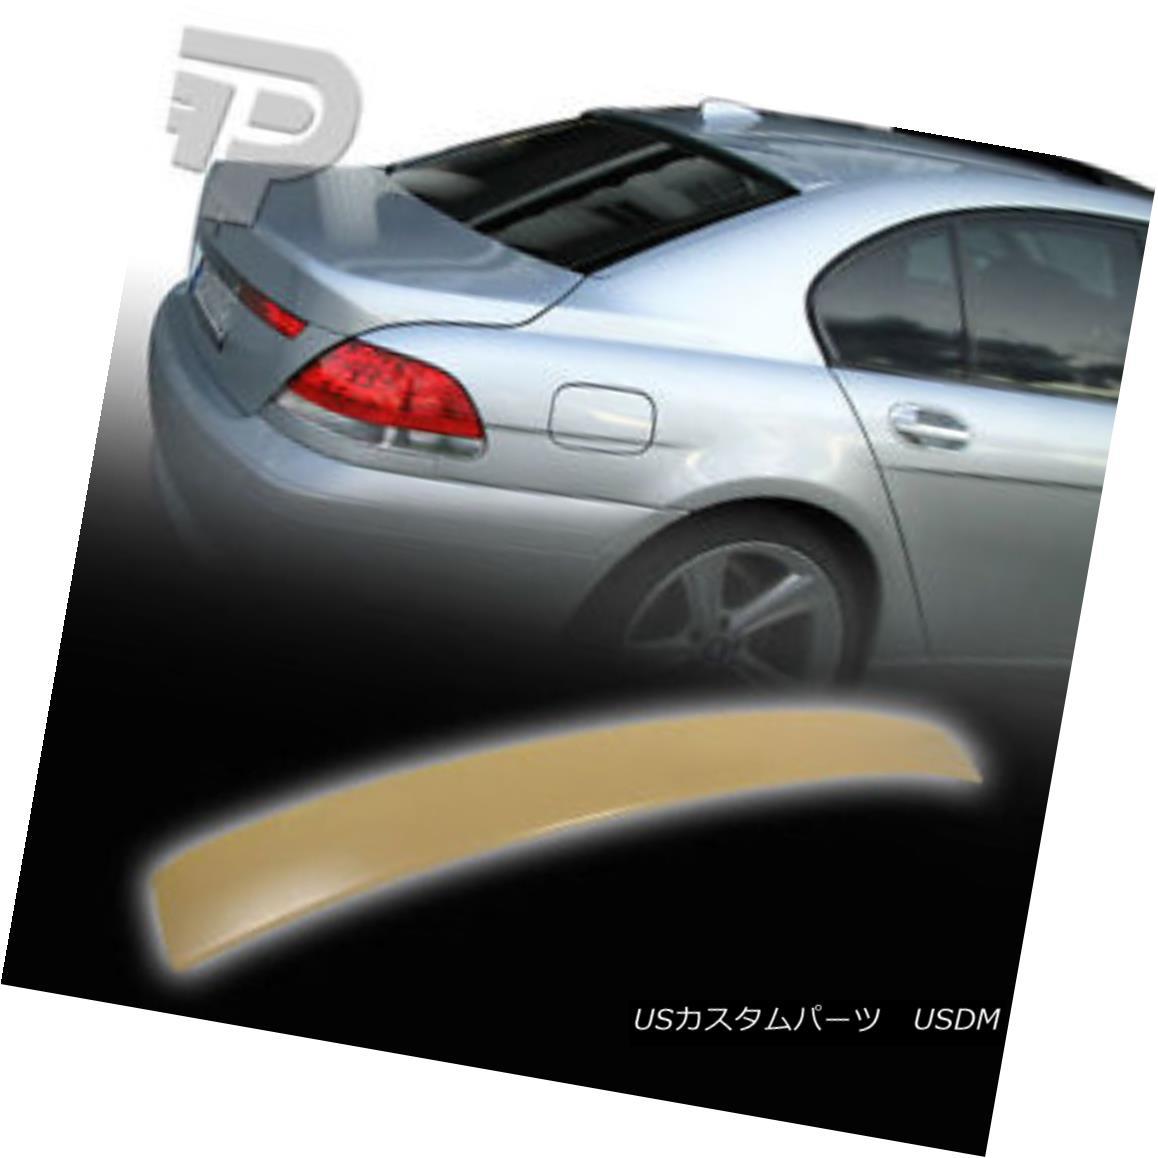 エアロパーツ BMW E65 4D SEDAN A TYPE REAR WING ROOF SPOILER 02+ ▼ BMW E65 4DセダンAタイプリアウイングルーフスポイラー02+?